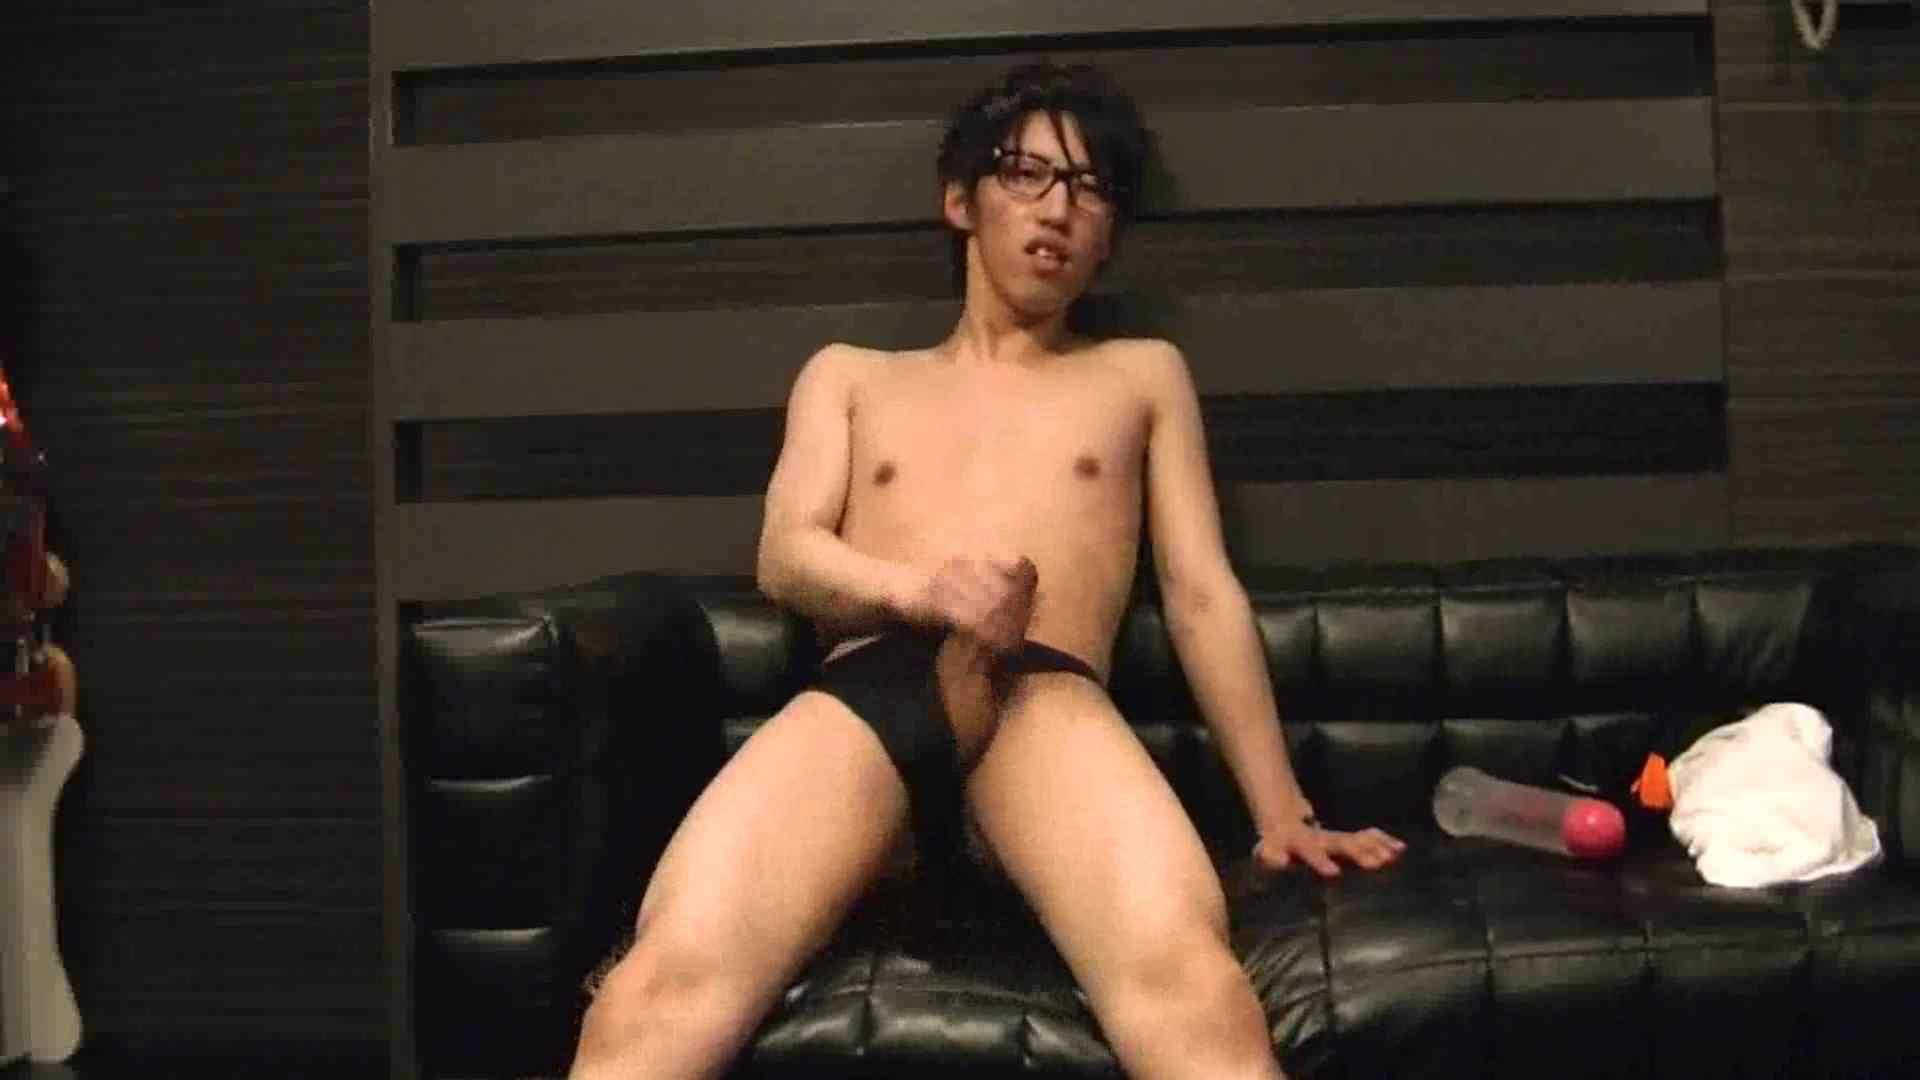 ONA見せカーニバル!! Vol3 男・男   モザイク無し ゲイ無料無修正画像 72pic 7